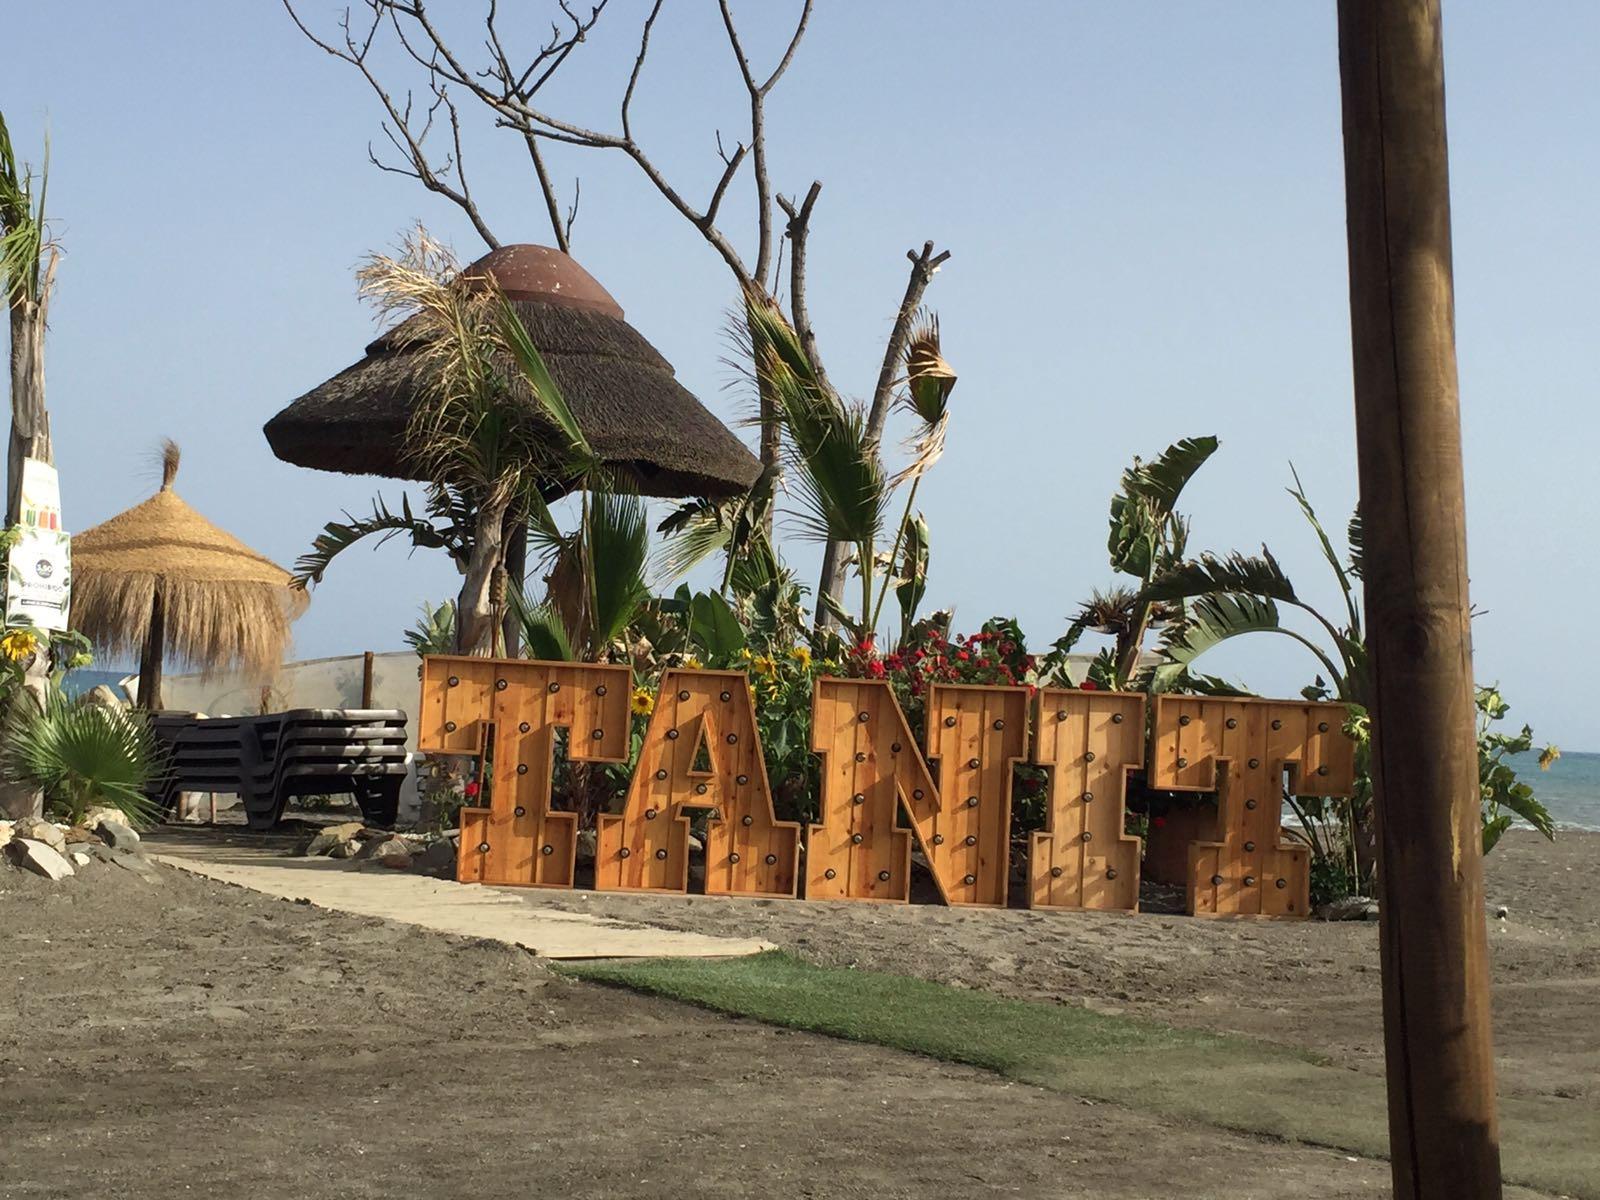 Hier moet je zeker een keertje heen, Tanit in Torre del mar....naast een camping!